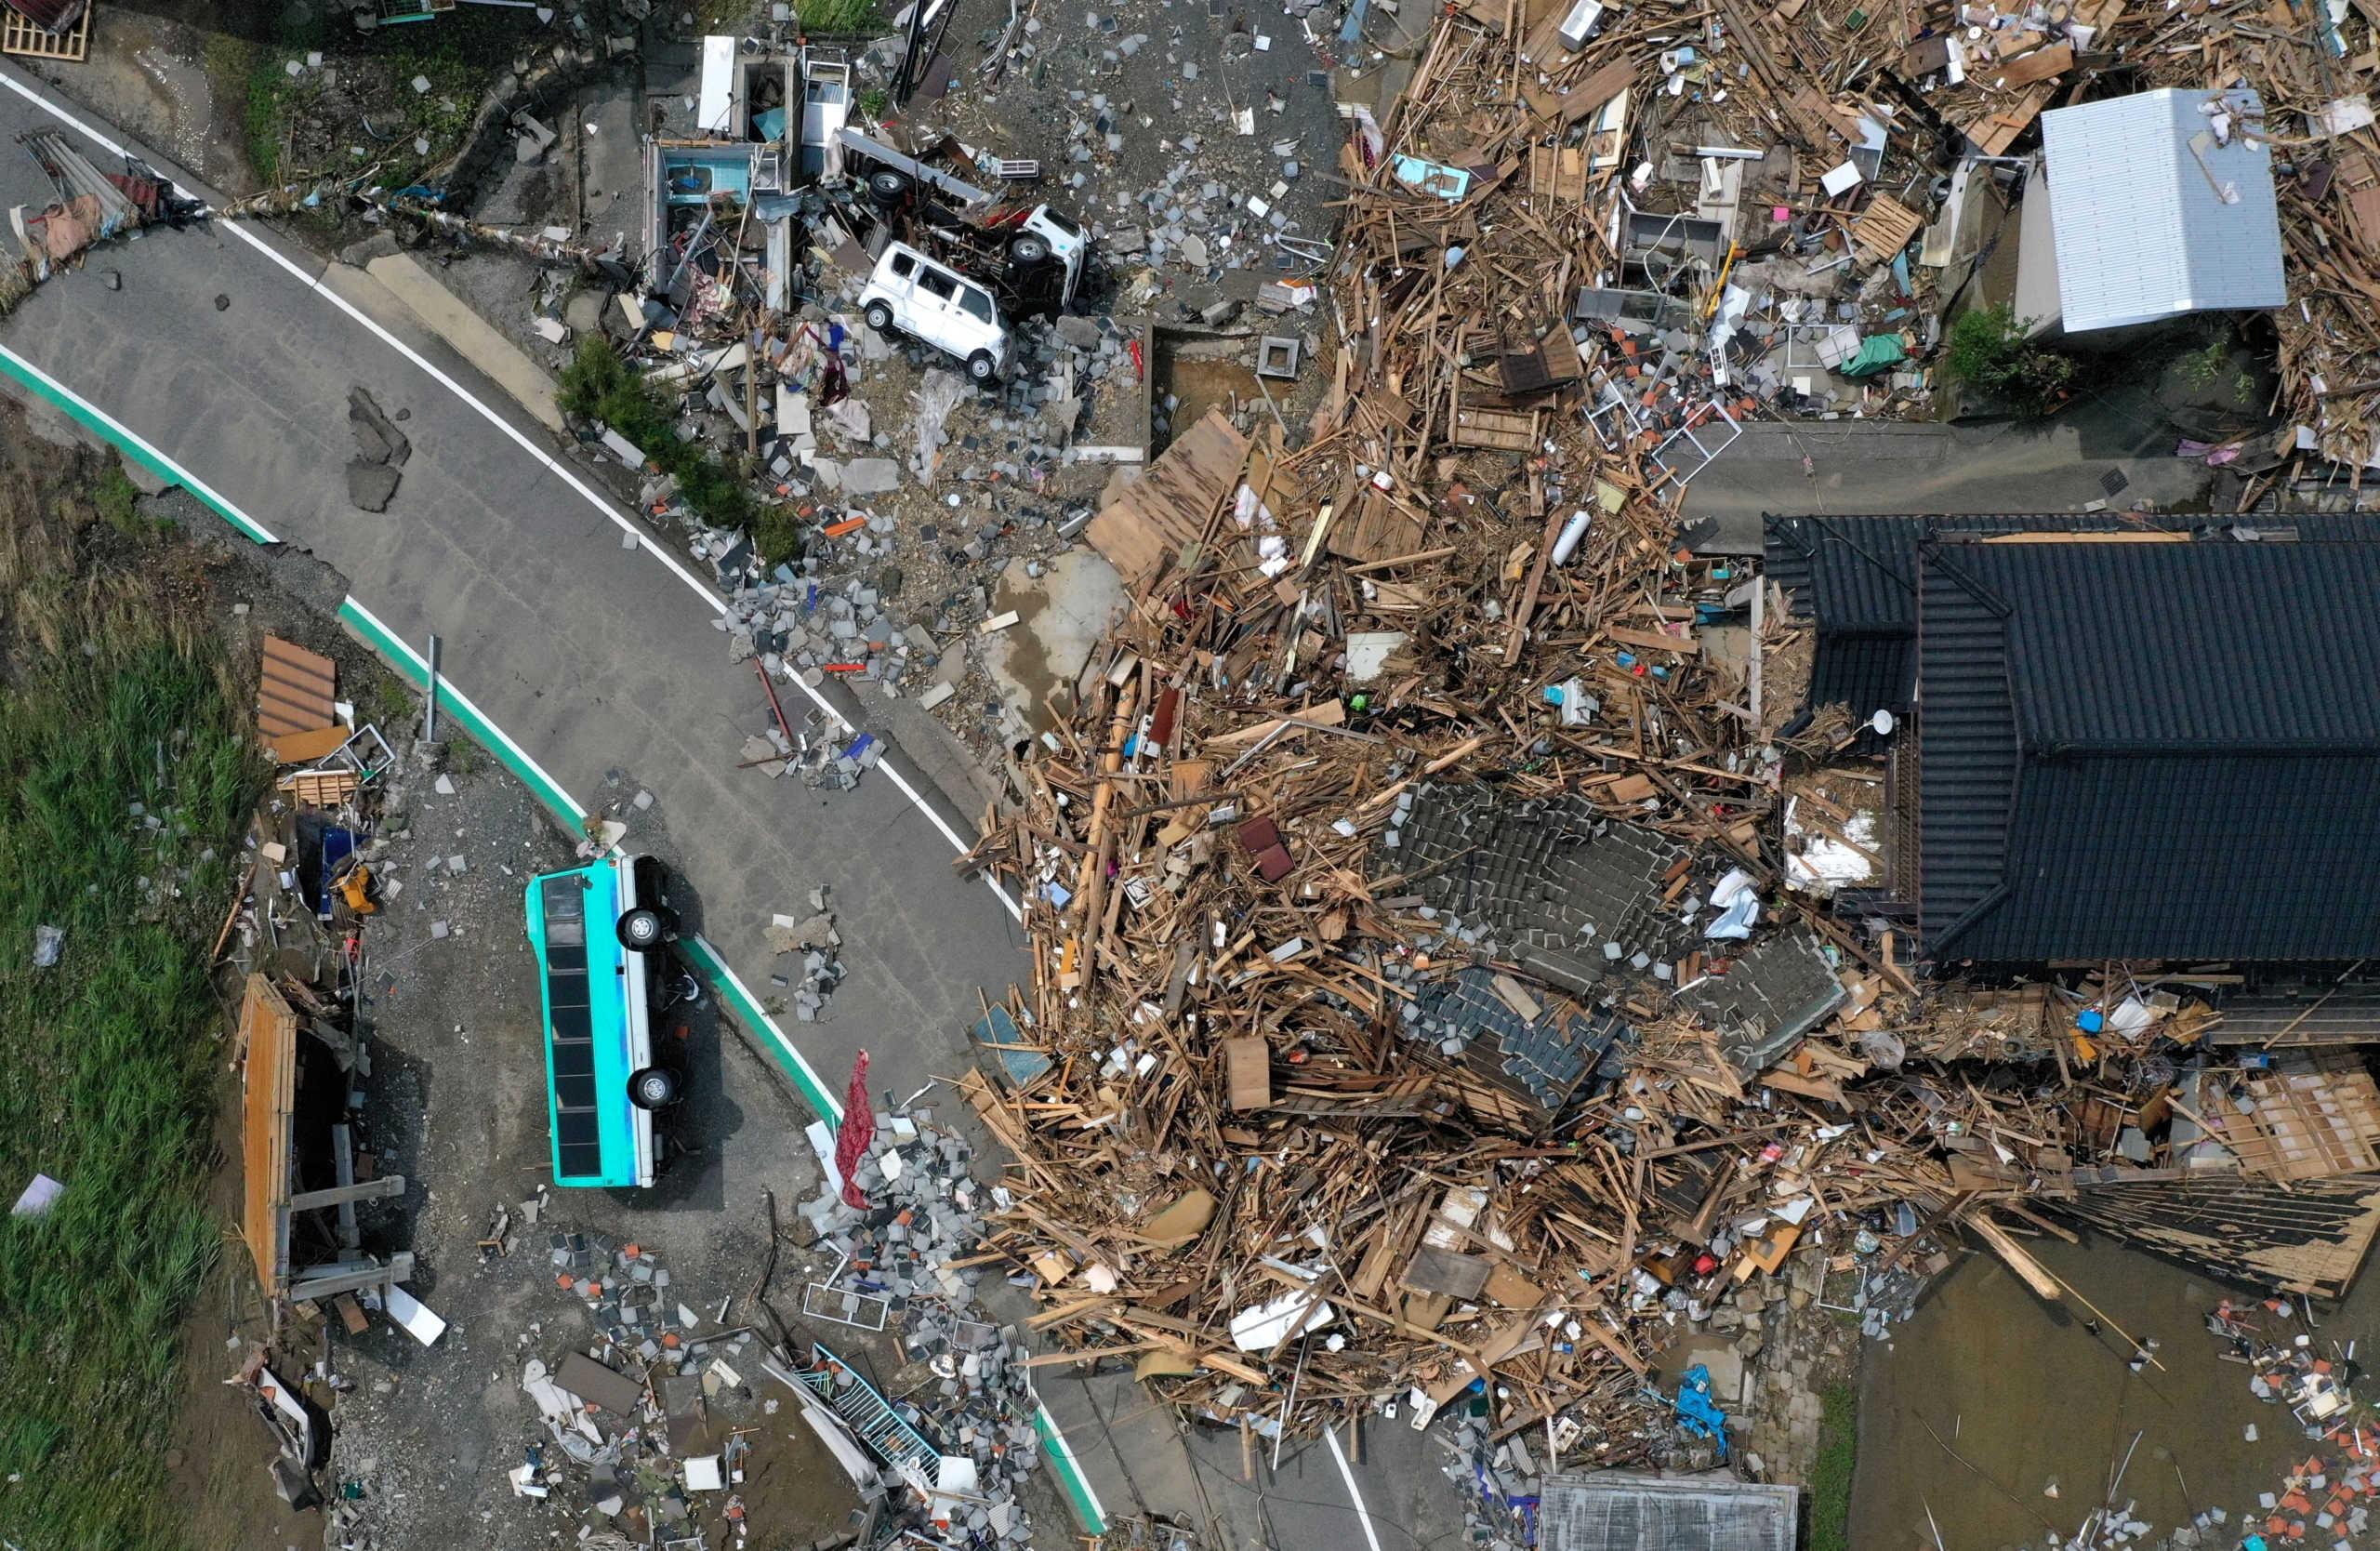 """Ιαπωνία: Βιβλικές καταστροφές από τις πλημμύρες! Σπίτια αποκομμένα, """"εξαφάνιση"""" δρόμων και 58 νεκροί (video)"""